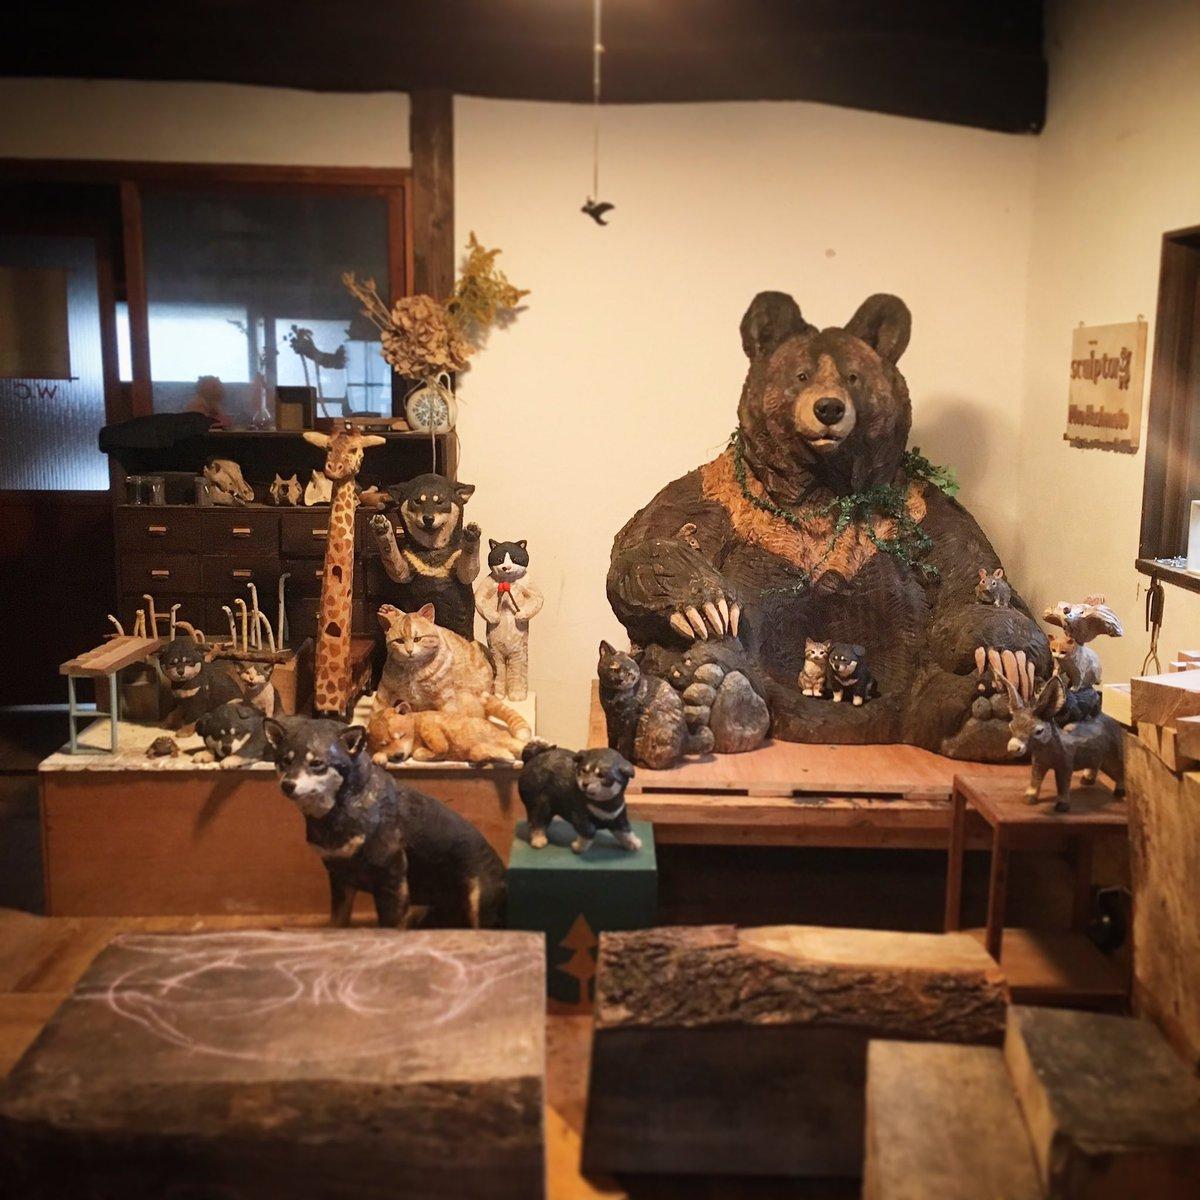 アトリエにクマのシュウくんが展覧会から帰ってきてくれました、おかえり〜!シュウくんが帰ってくるとアトリエはまるで森の中。